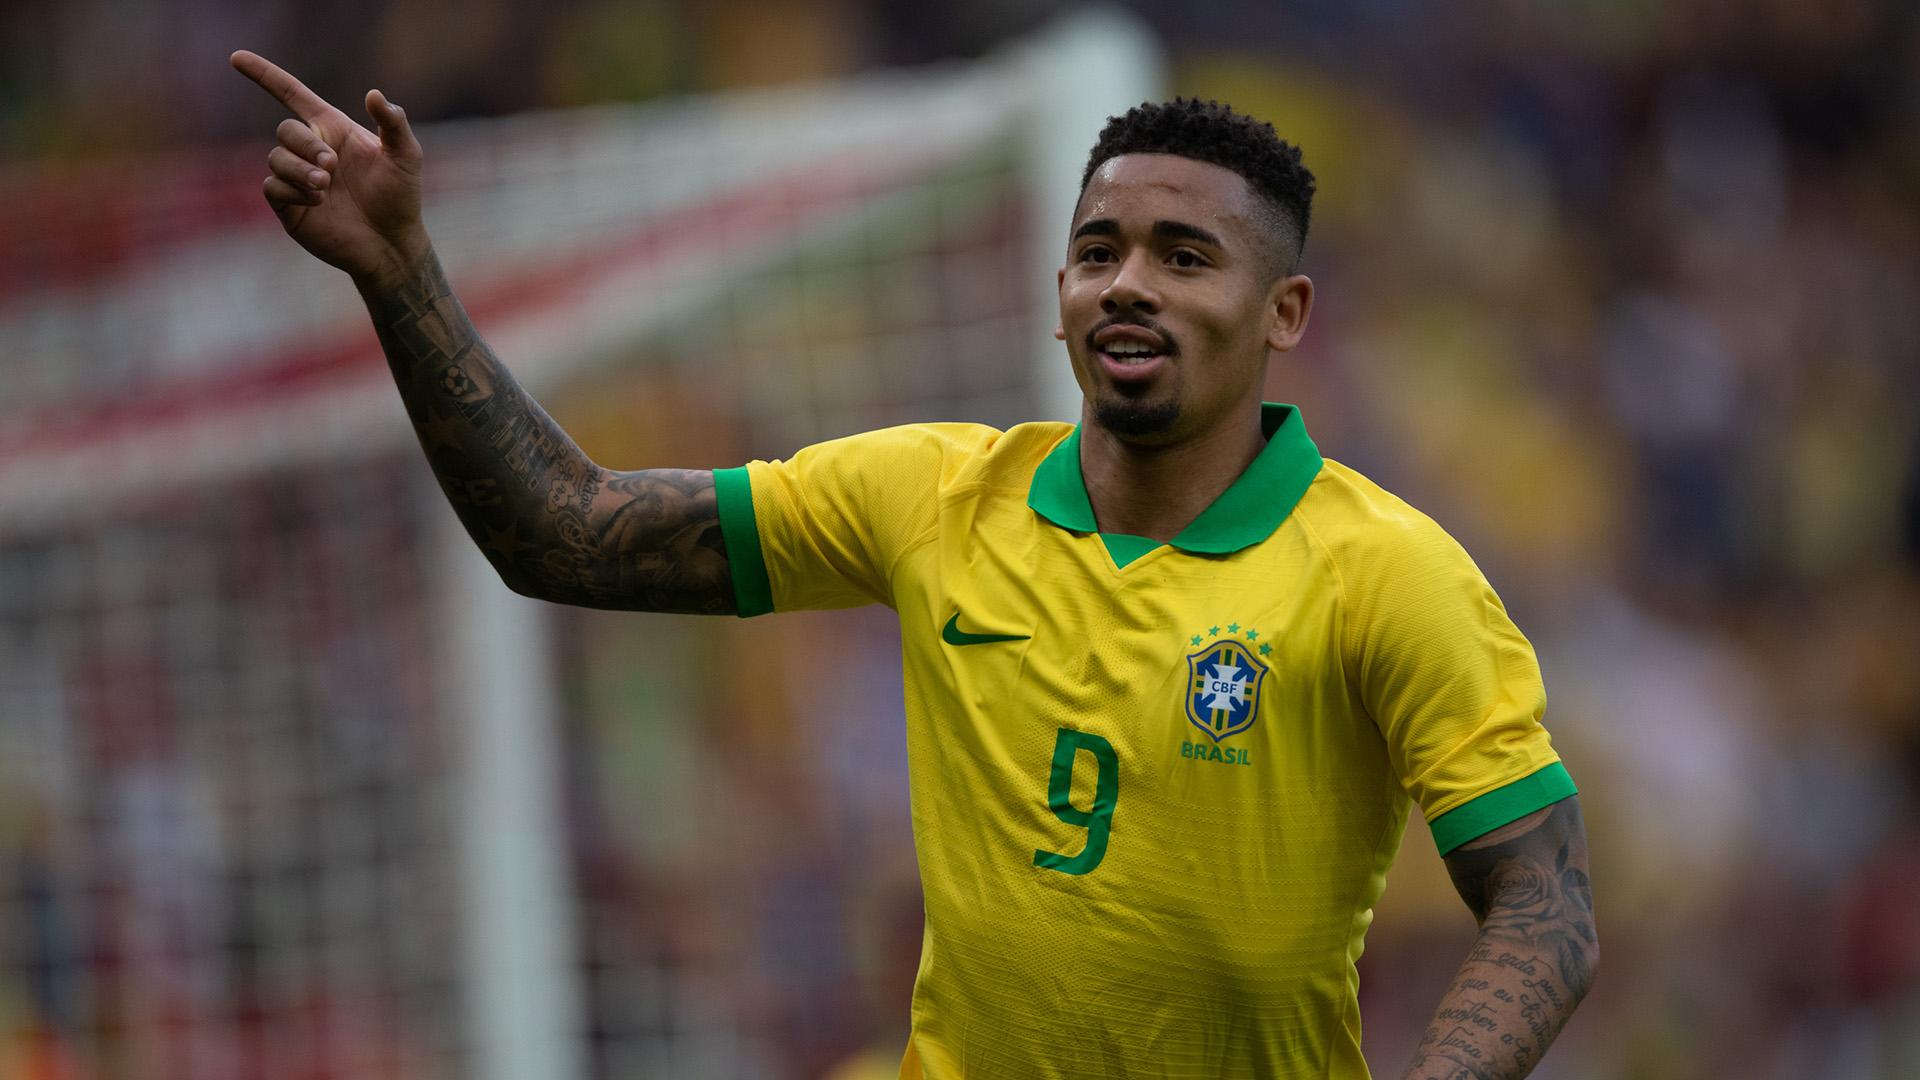 Jesus e Gabigol vivem momentos opostos na seleção brasileira- Foto: Divulgação